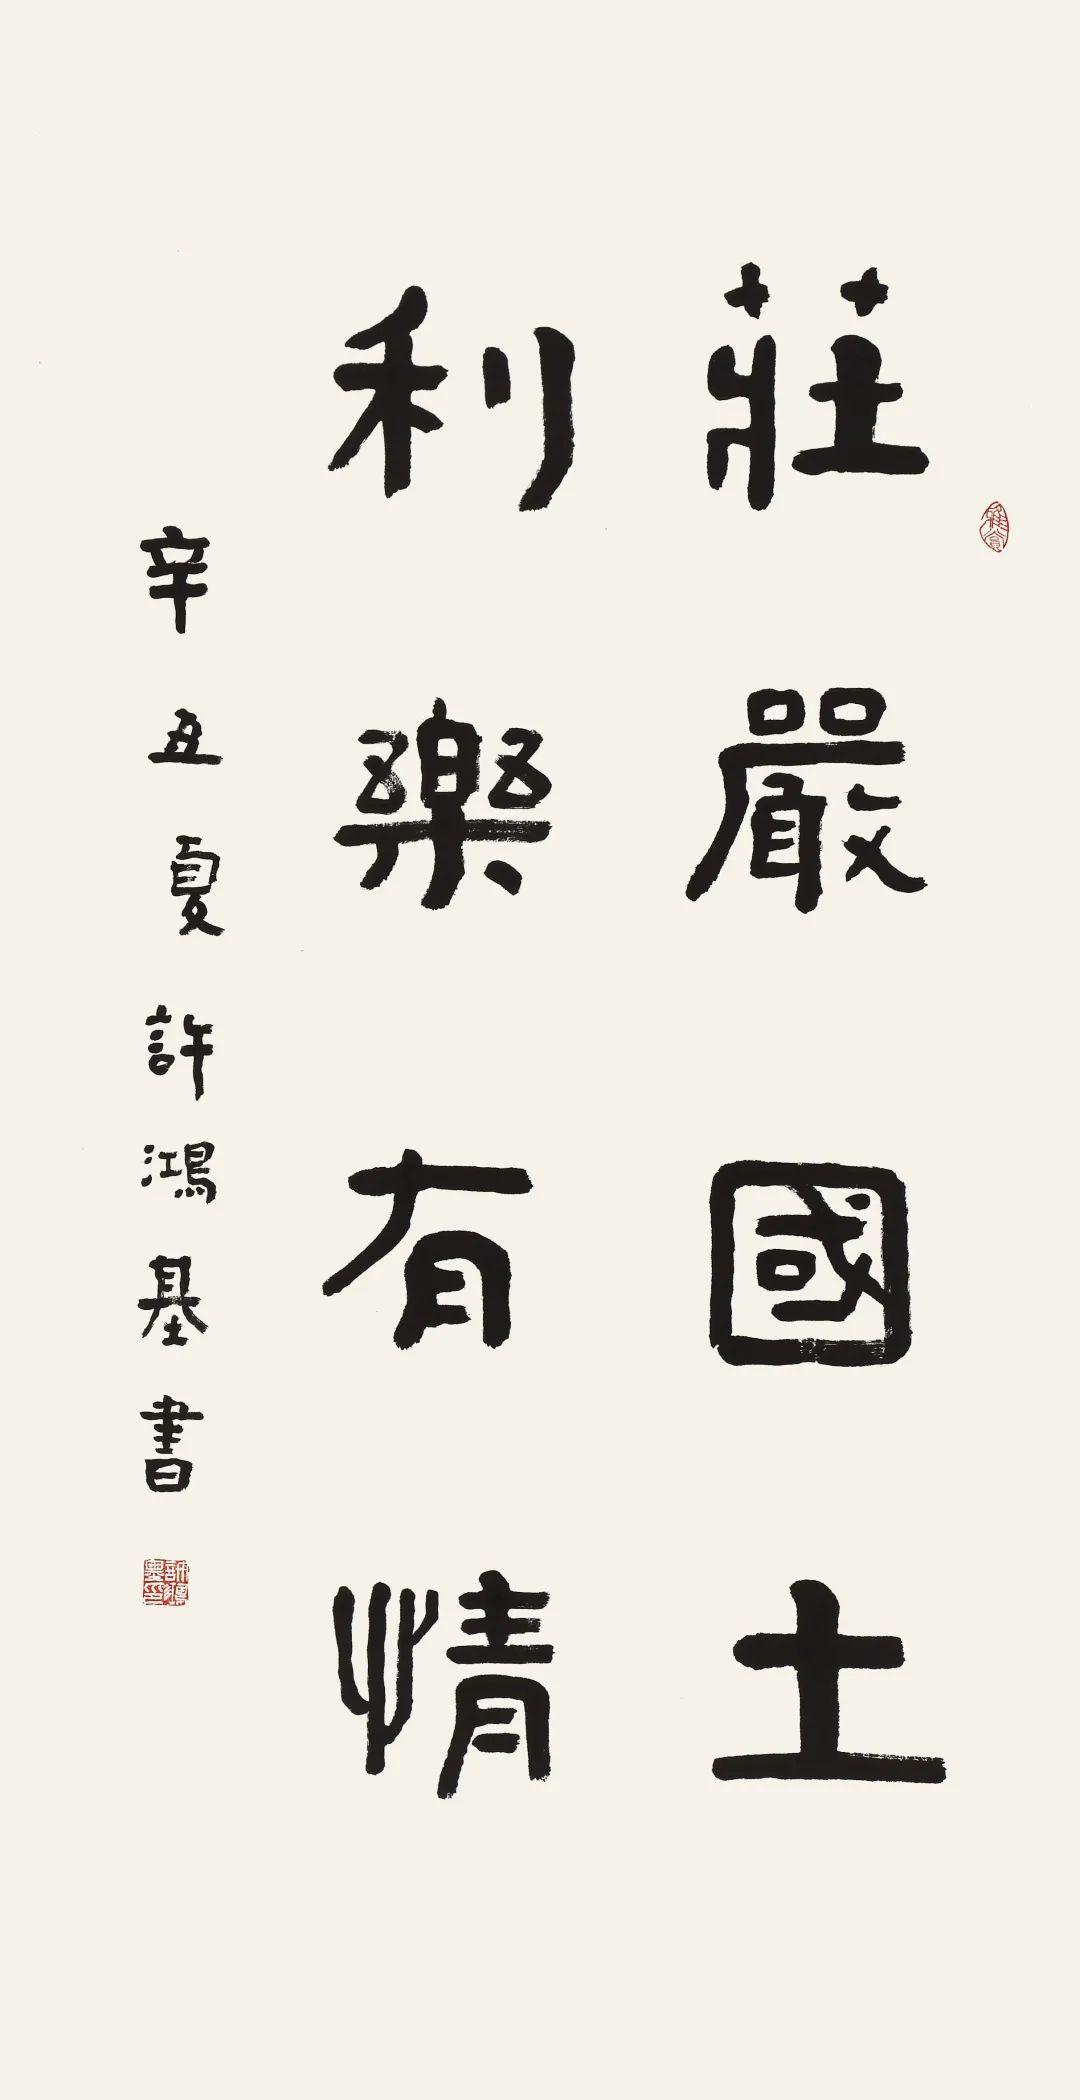 中国书法家协会第六届理事、广东省书法家协会副主席,广州市书法家协会第五、六届主席许鸿基